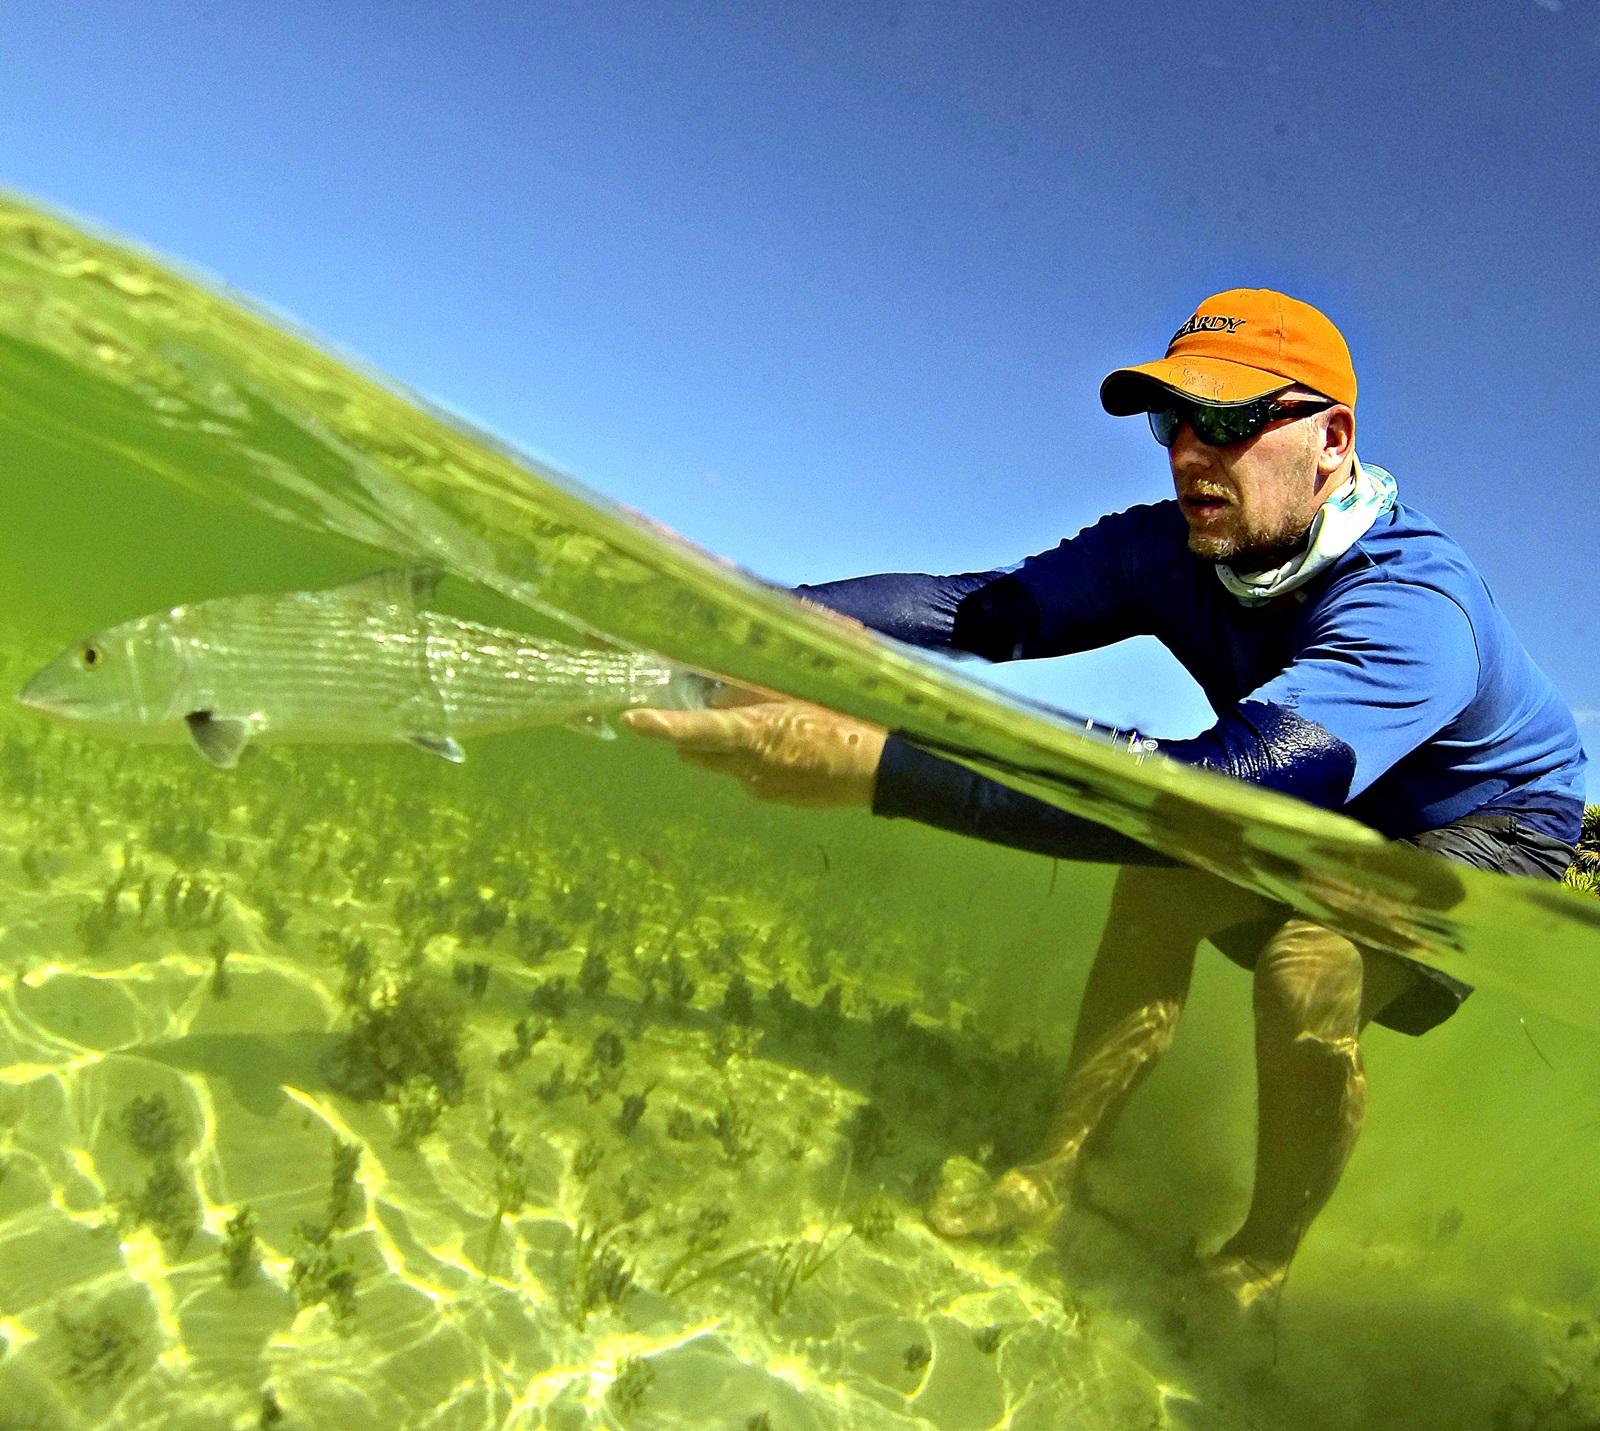 For første gang hadde jeg med en såkalt gopro done slik at jeg kunne ta bilder over og under vann sammtidig